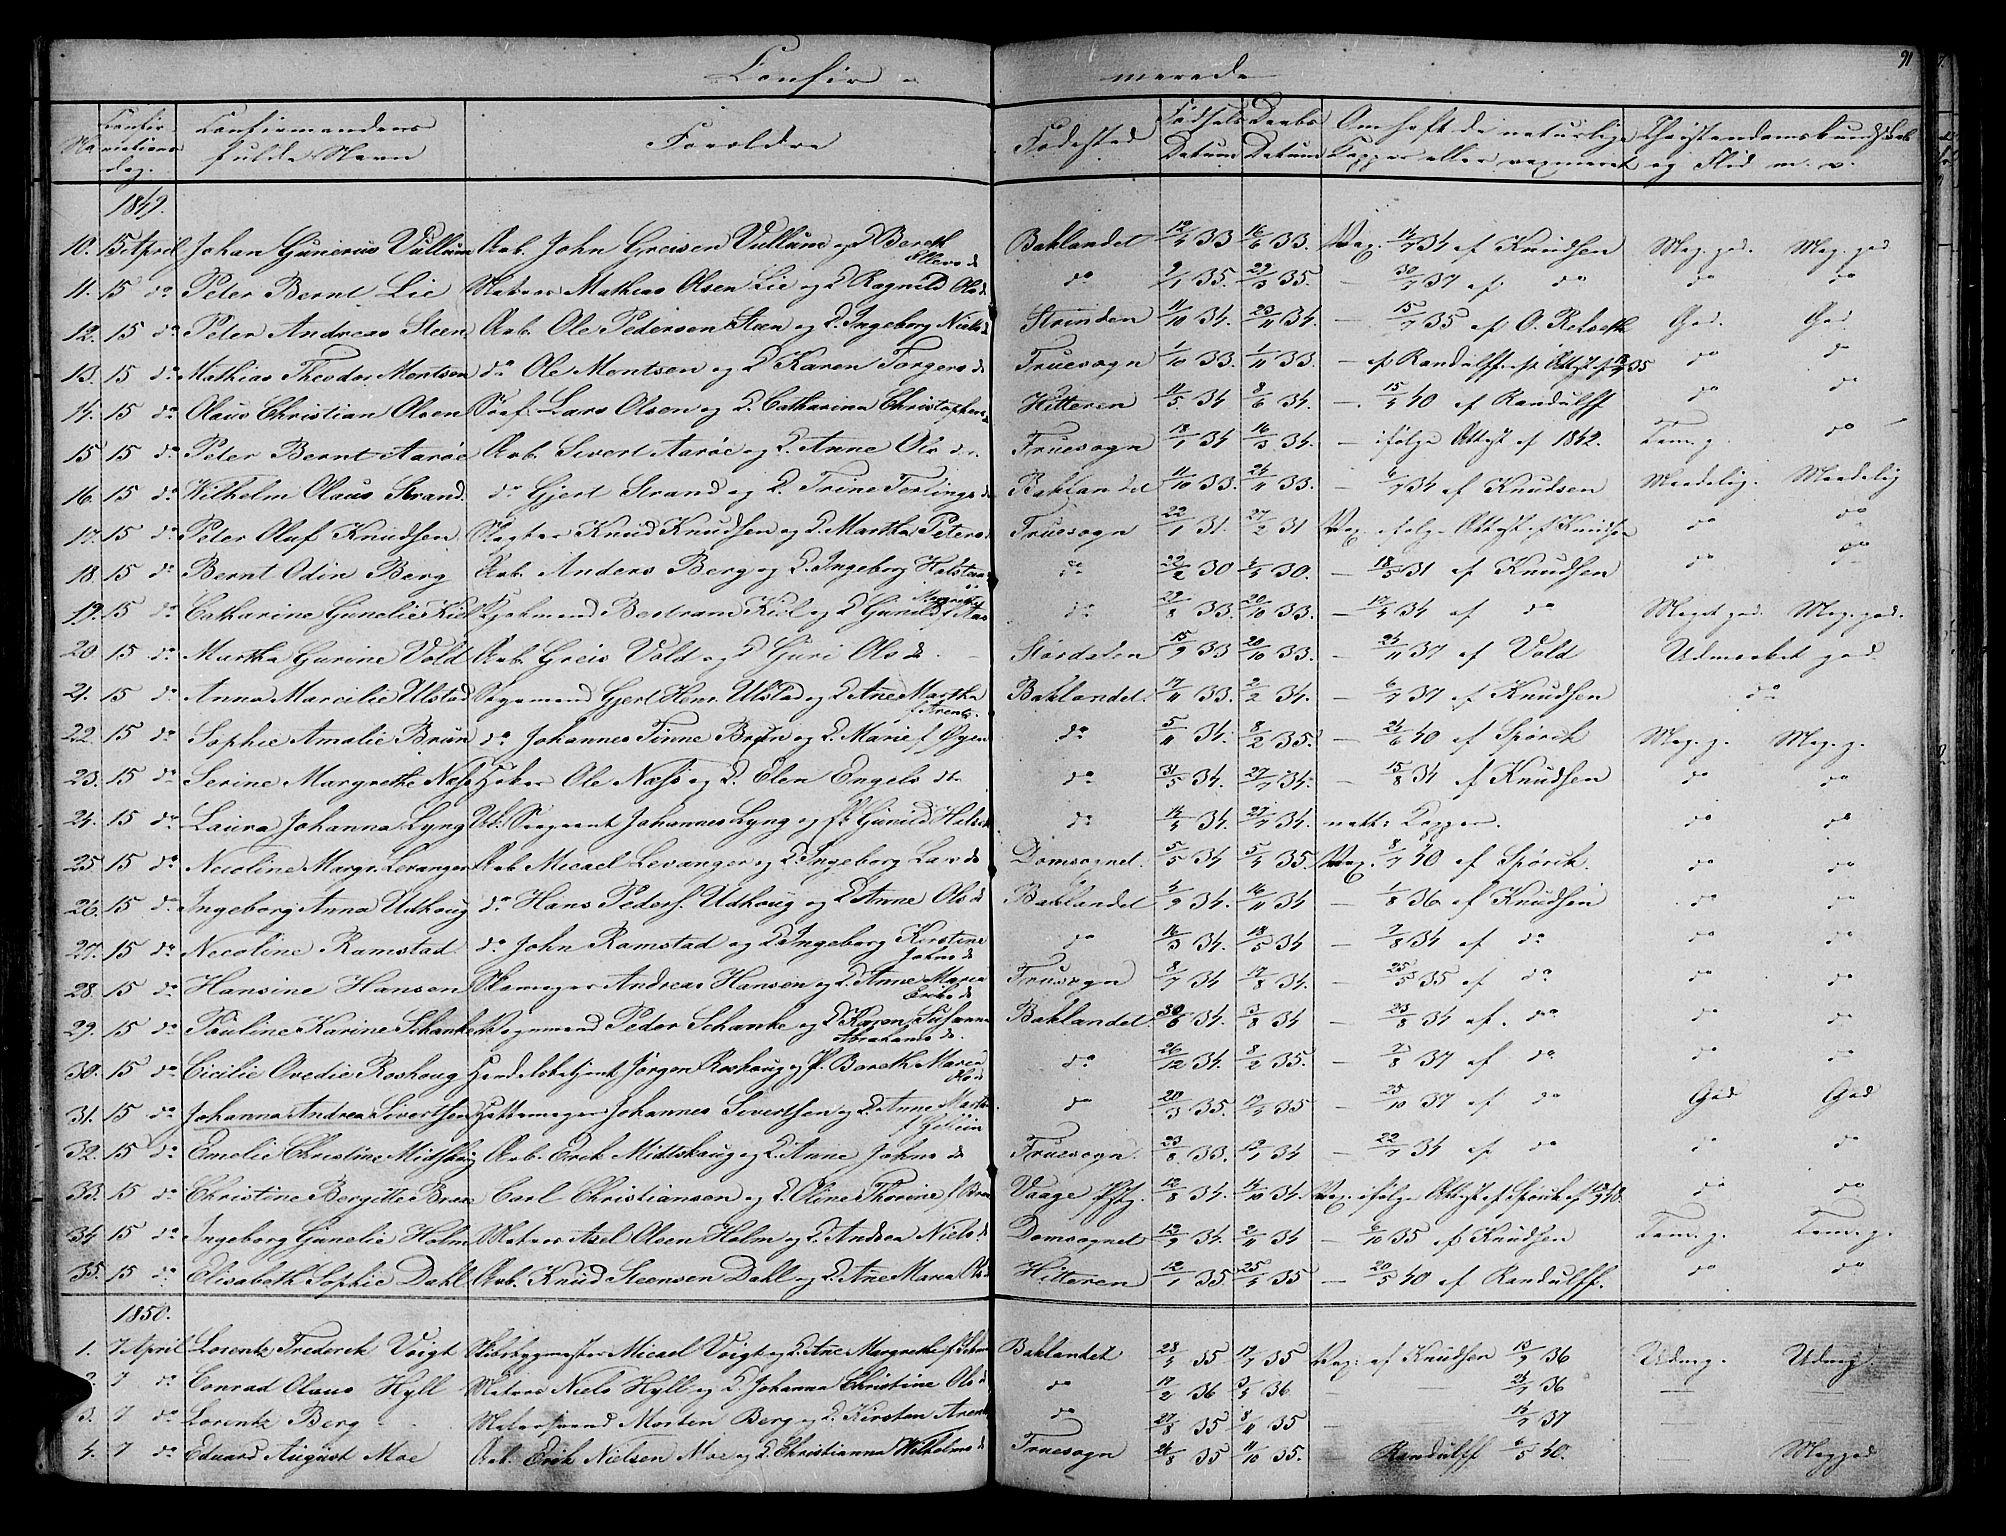 SAT, Ministerialprotokoller, klokkerbøker og fødselsregistre - Sør-Trøndelag, 604/L0182: Ministerialbok nr. 604A03, 1818-1850, s. 91